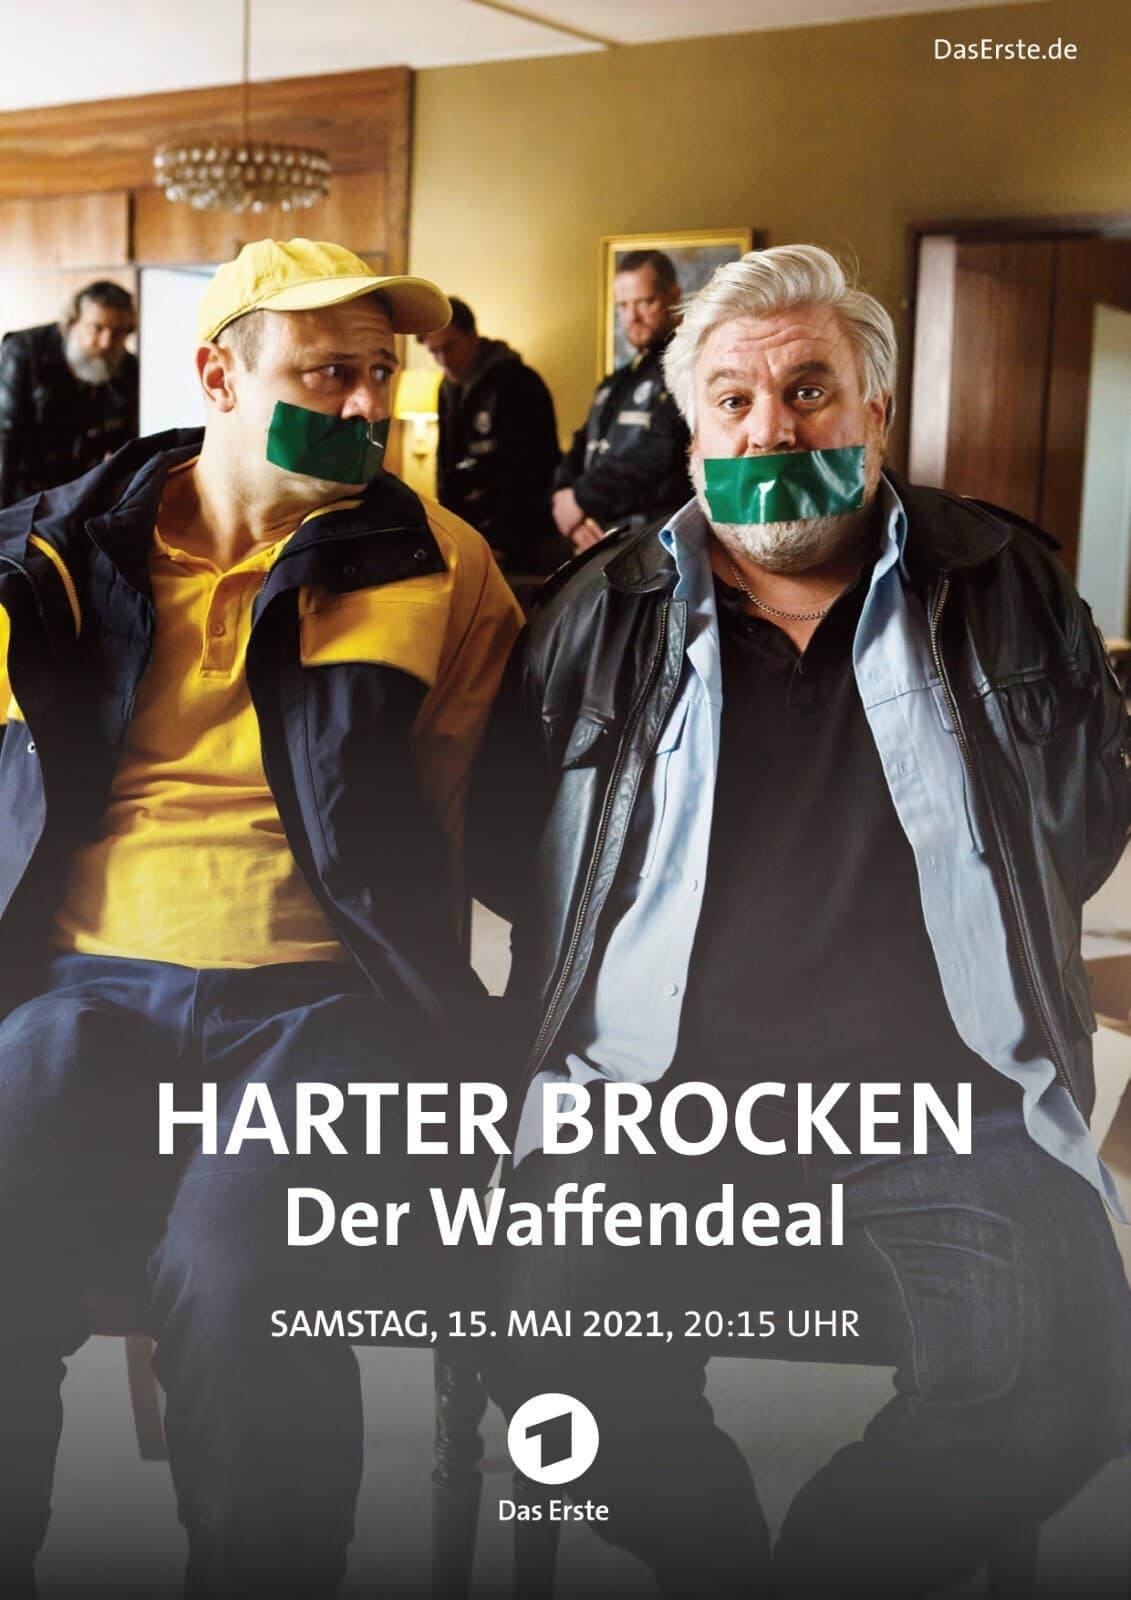 Harter Brocken - Der Waffendeal